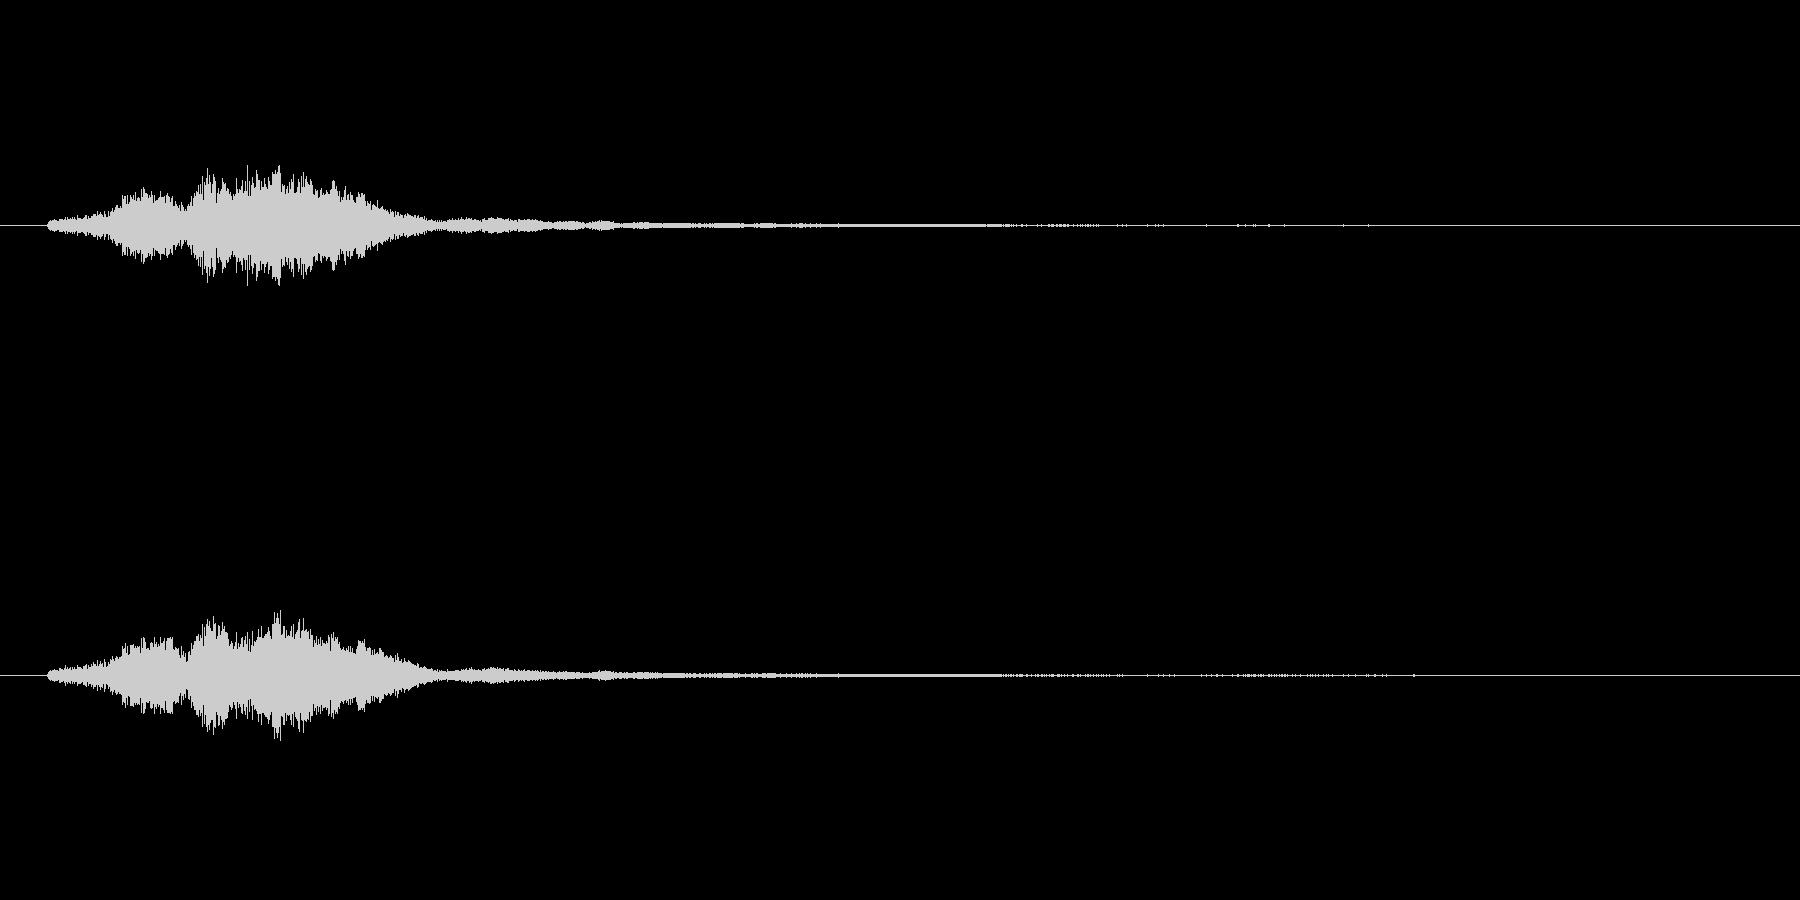 ハープグリッサンド上行3回~Eの未再生の波形